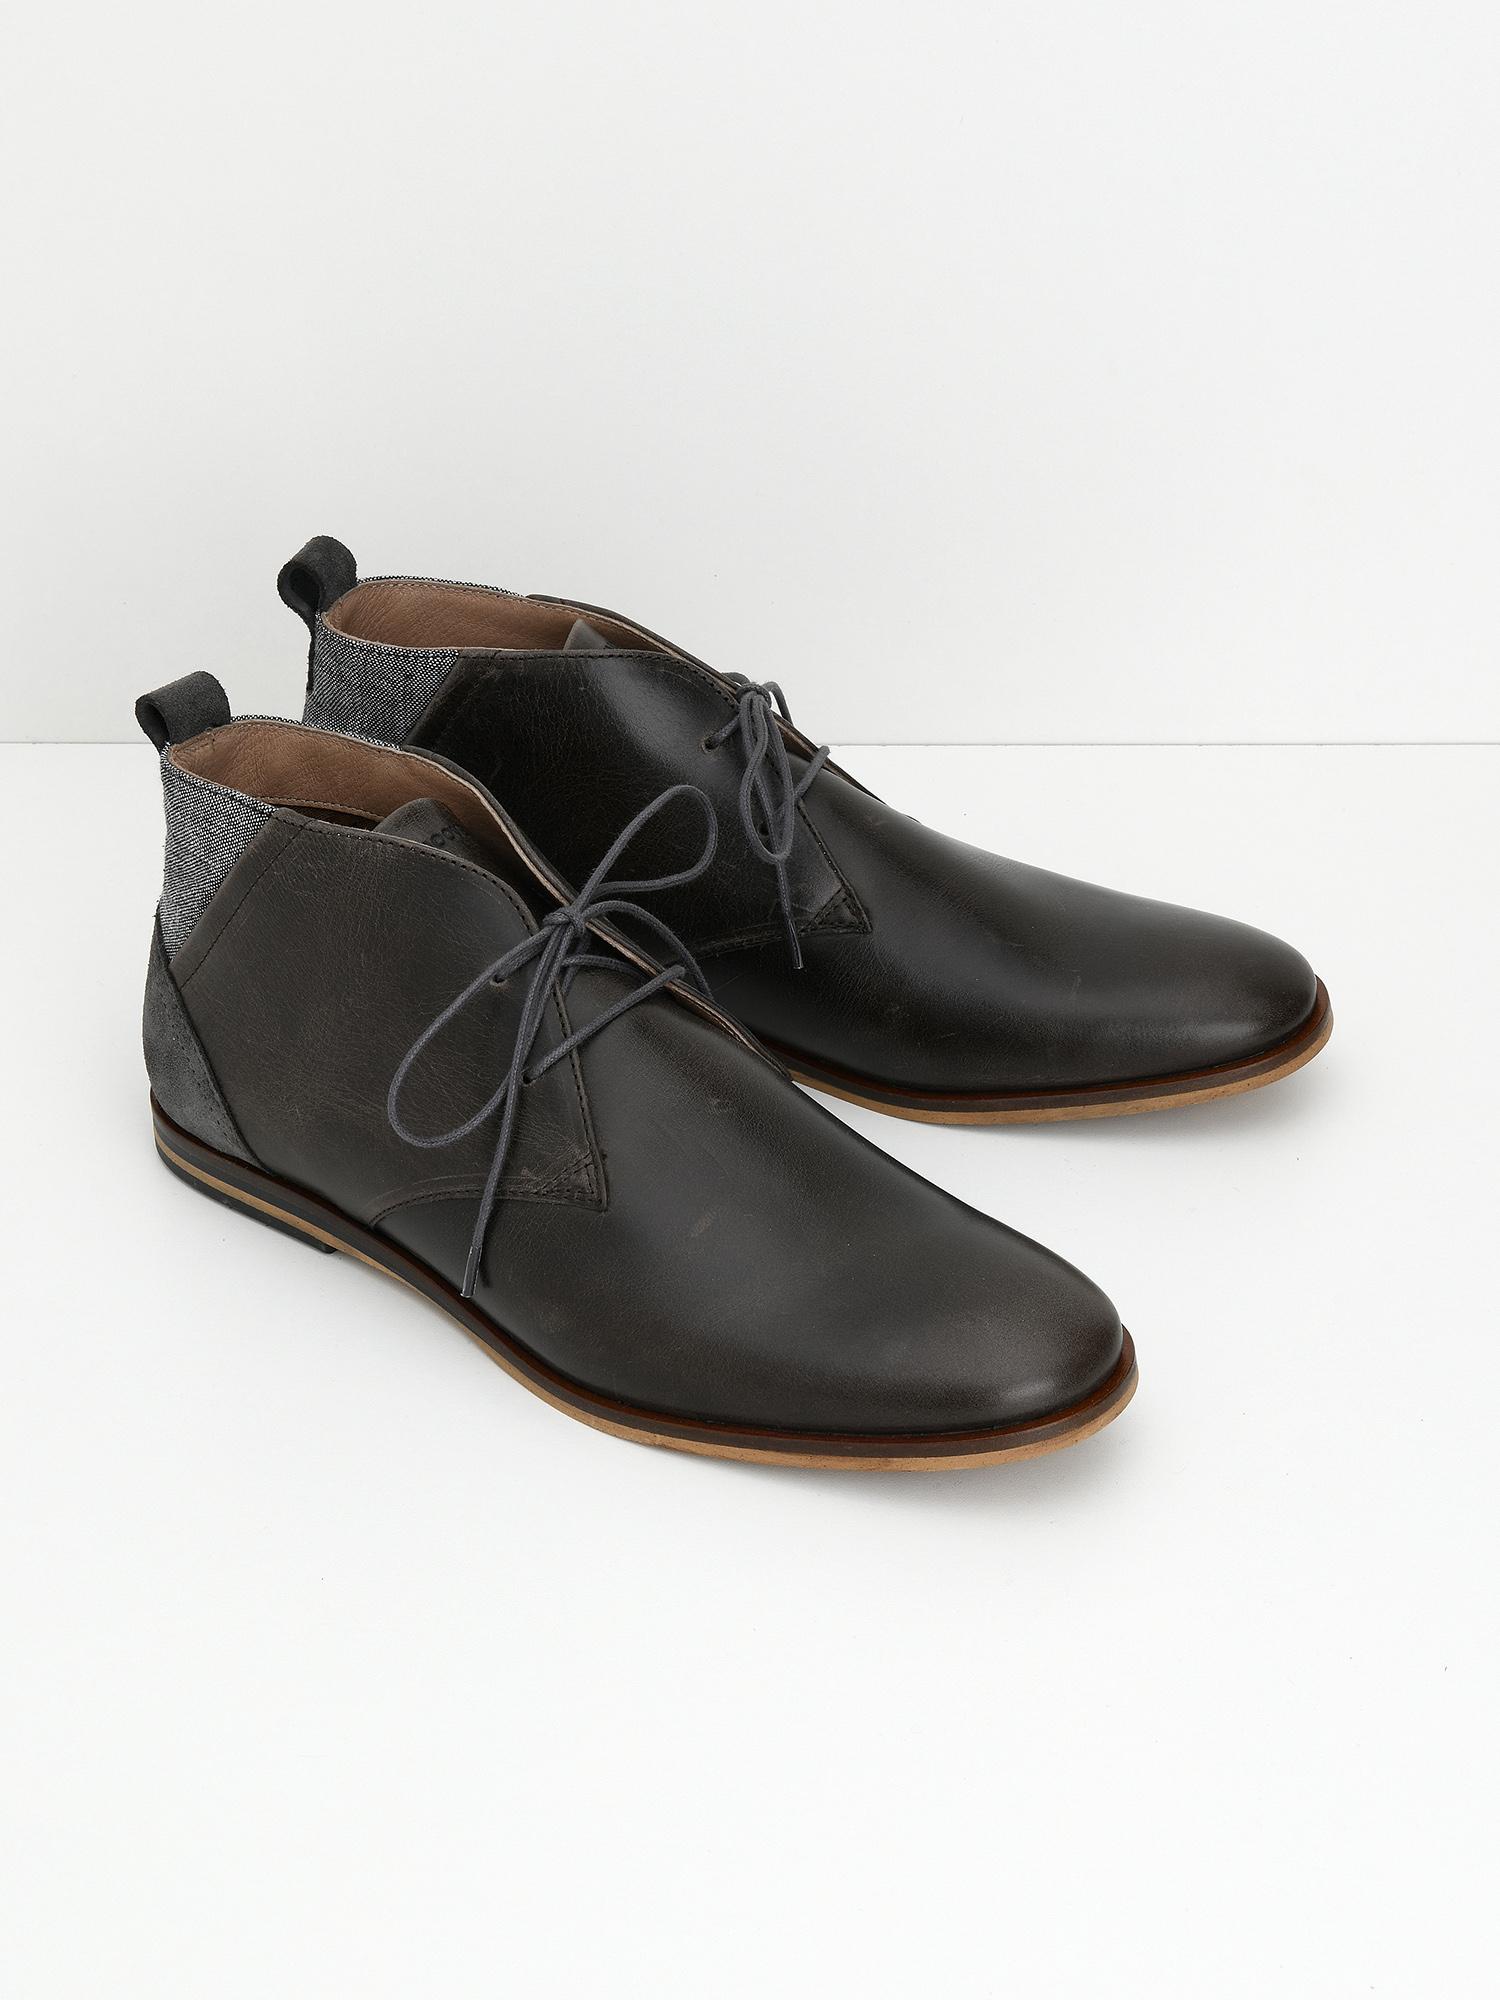 460b2f4b7b Chaussure mariage pour homme : que choisir ?